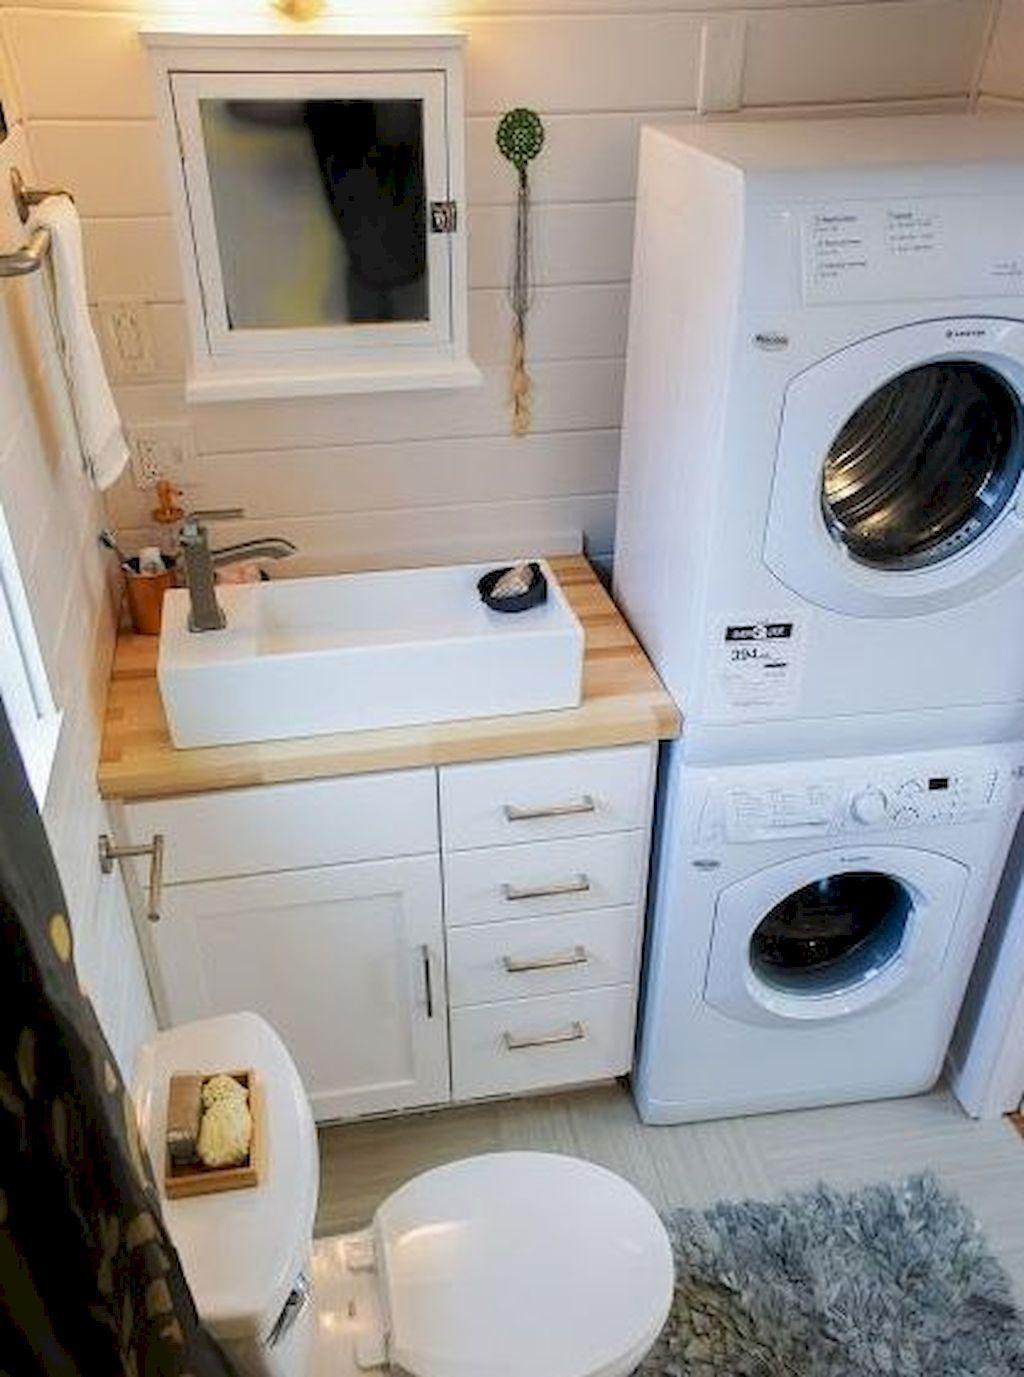 Lave Linge Dans Salle De Bain conseils déco] avoir un espace buanderie dans une petite